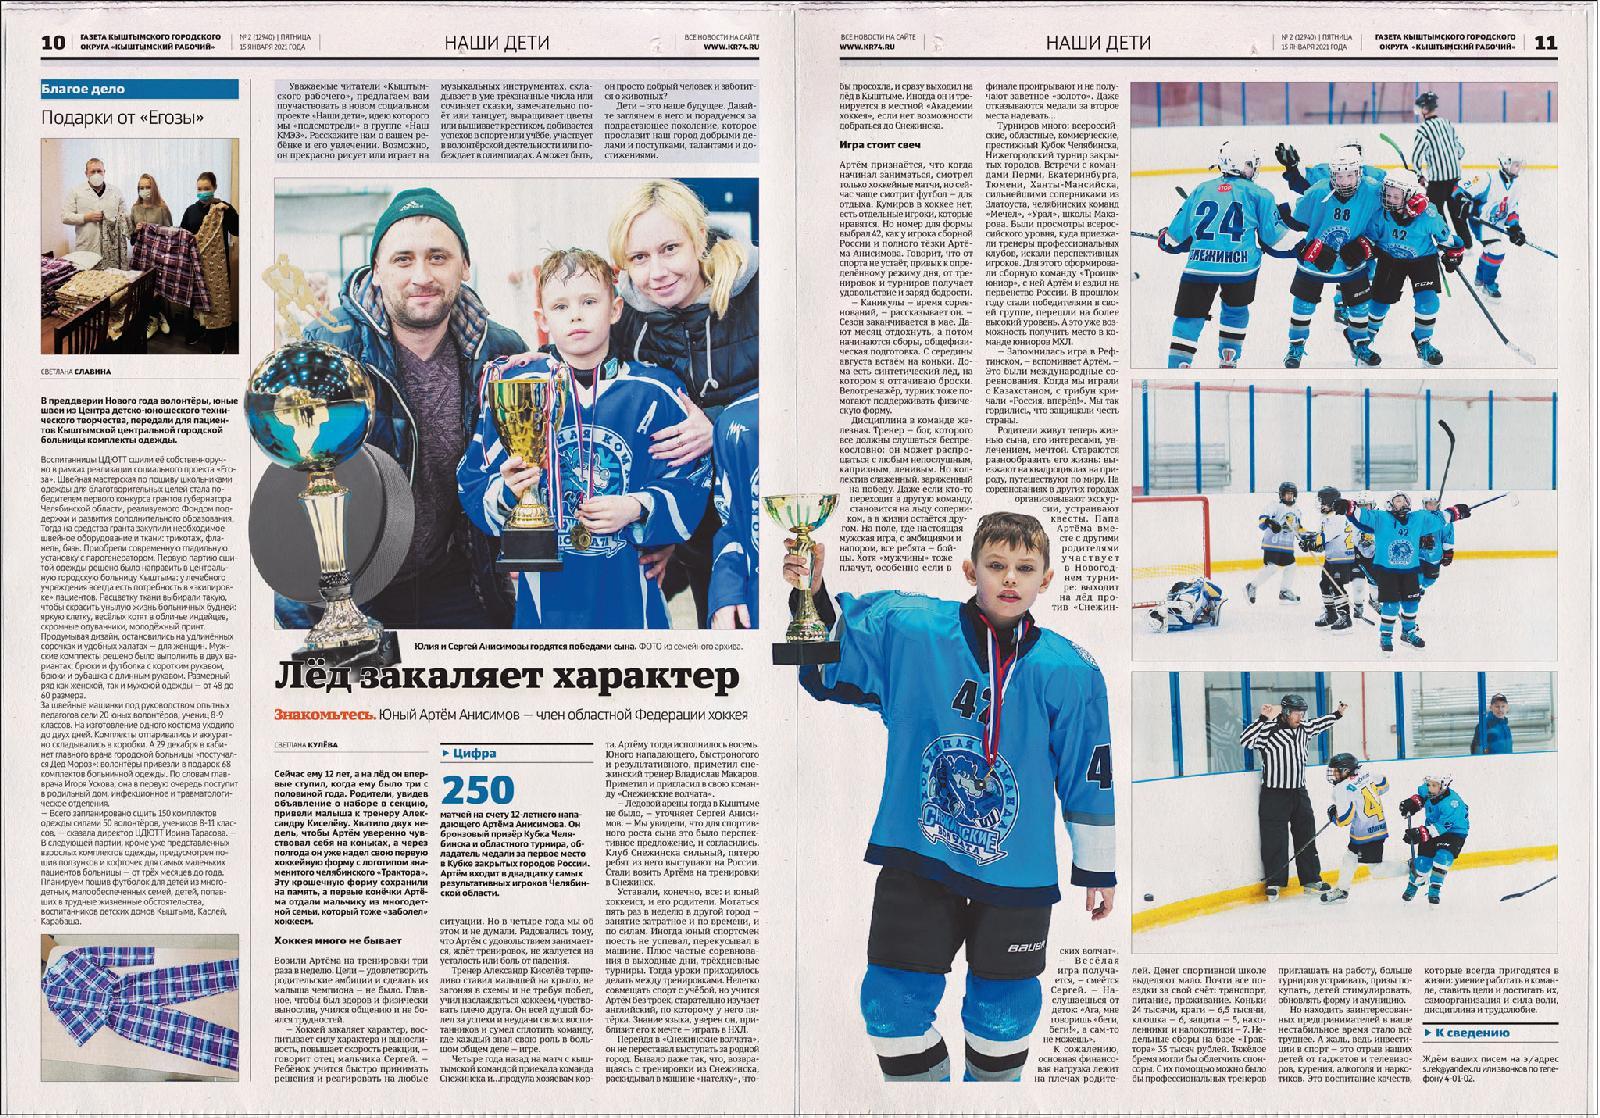 В январе материалом о 12-летнем хоккеисте стартовал новый редакционный проект «Наши дети»